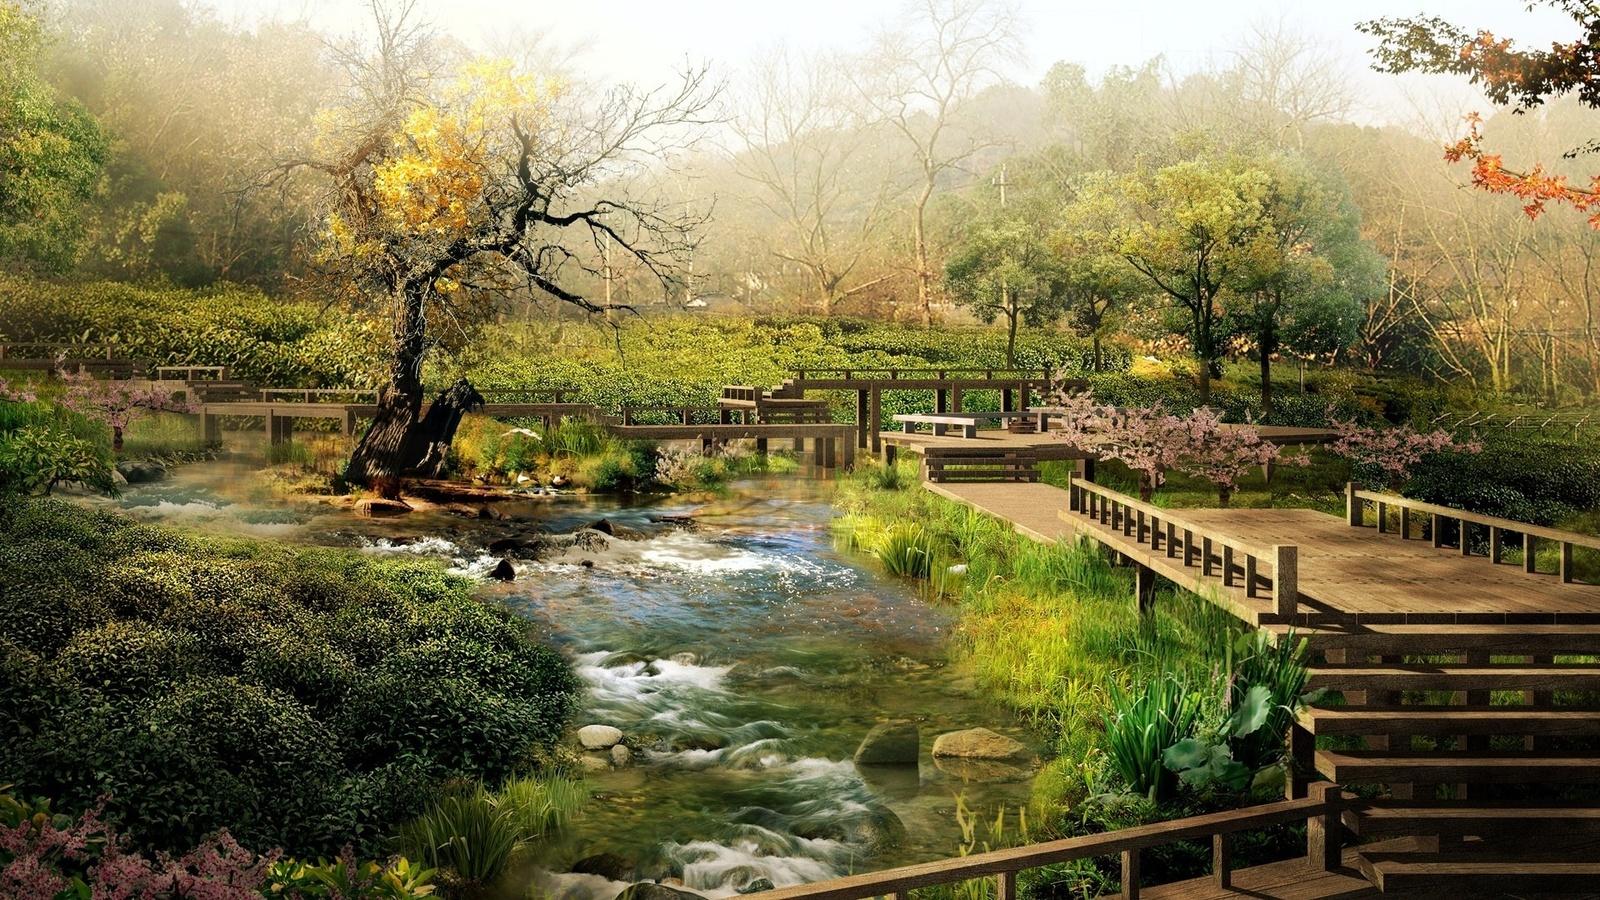 сад, ручей, деревья, мост, кусты, красота, зелень, ступени